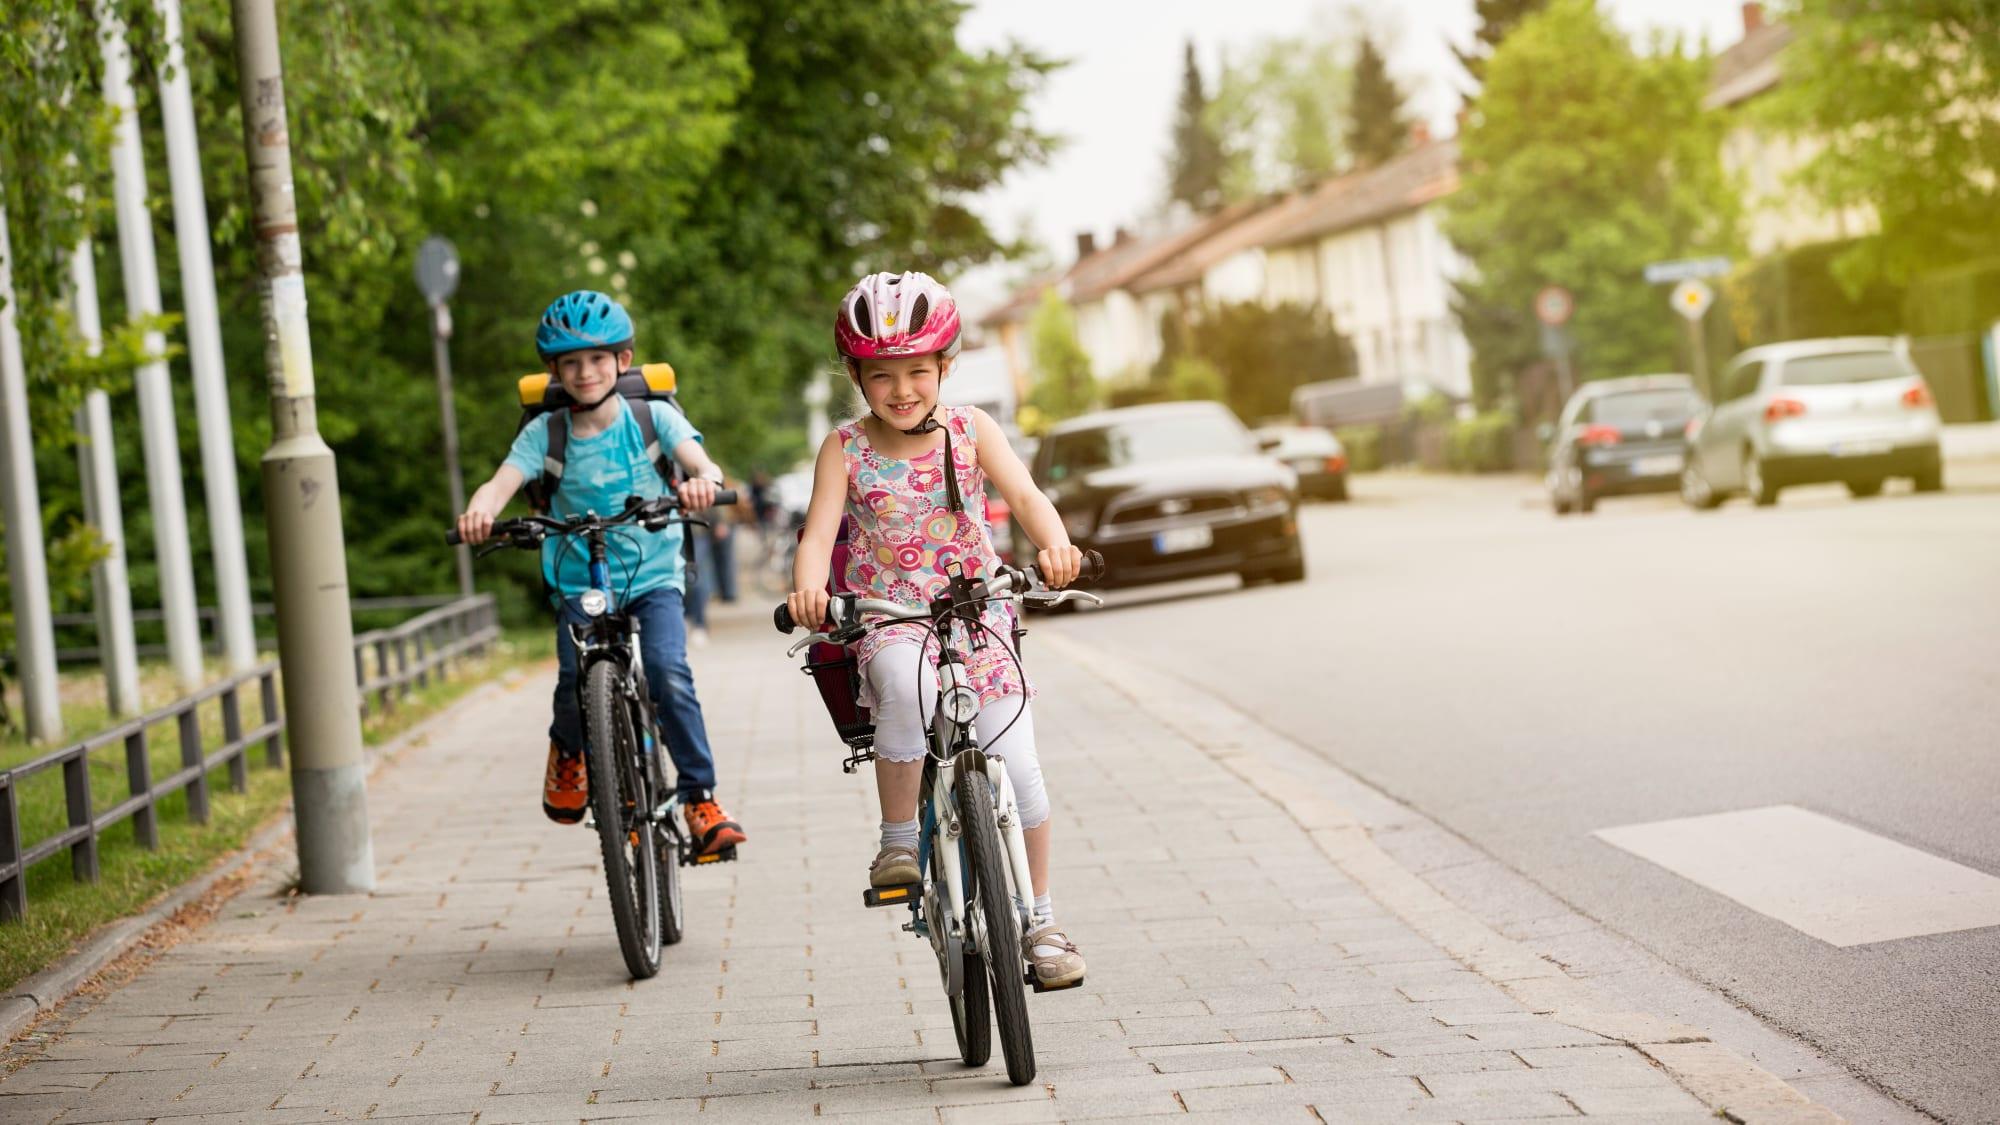 Kinder fahren mit Rad und Fahrradhelm auf dem Gehweg von derSchule nach Hause